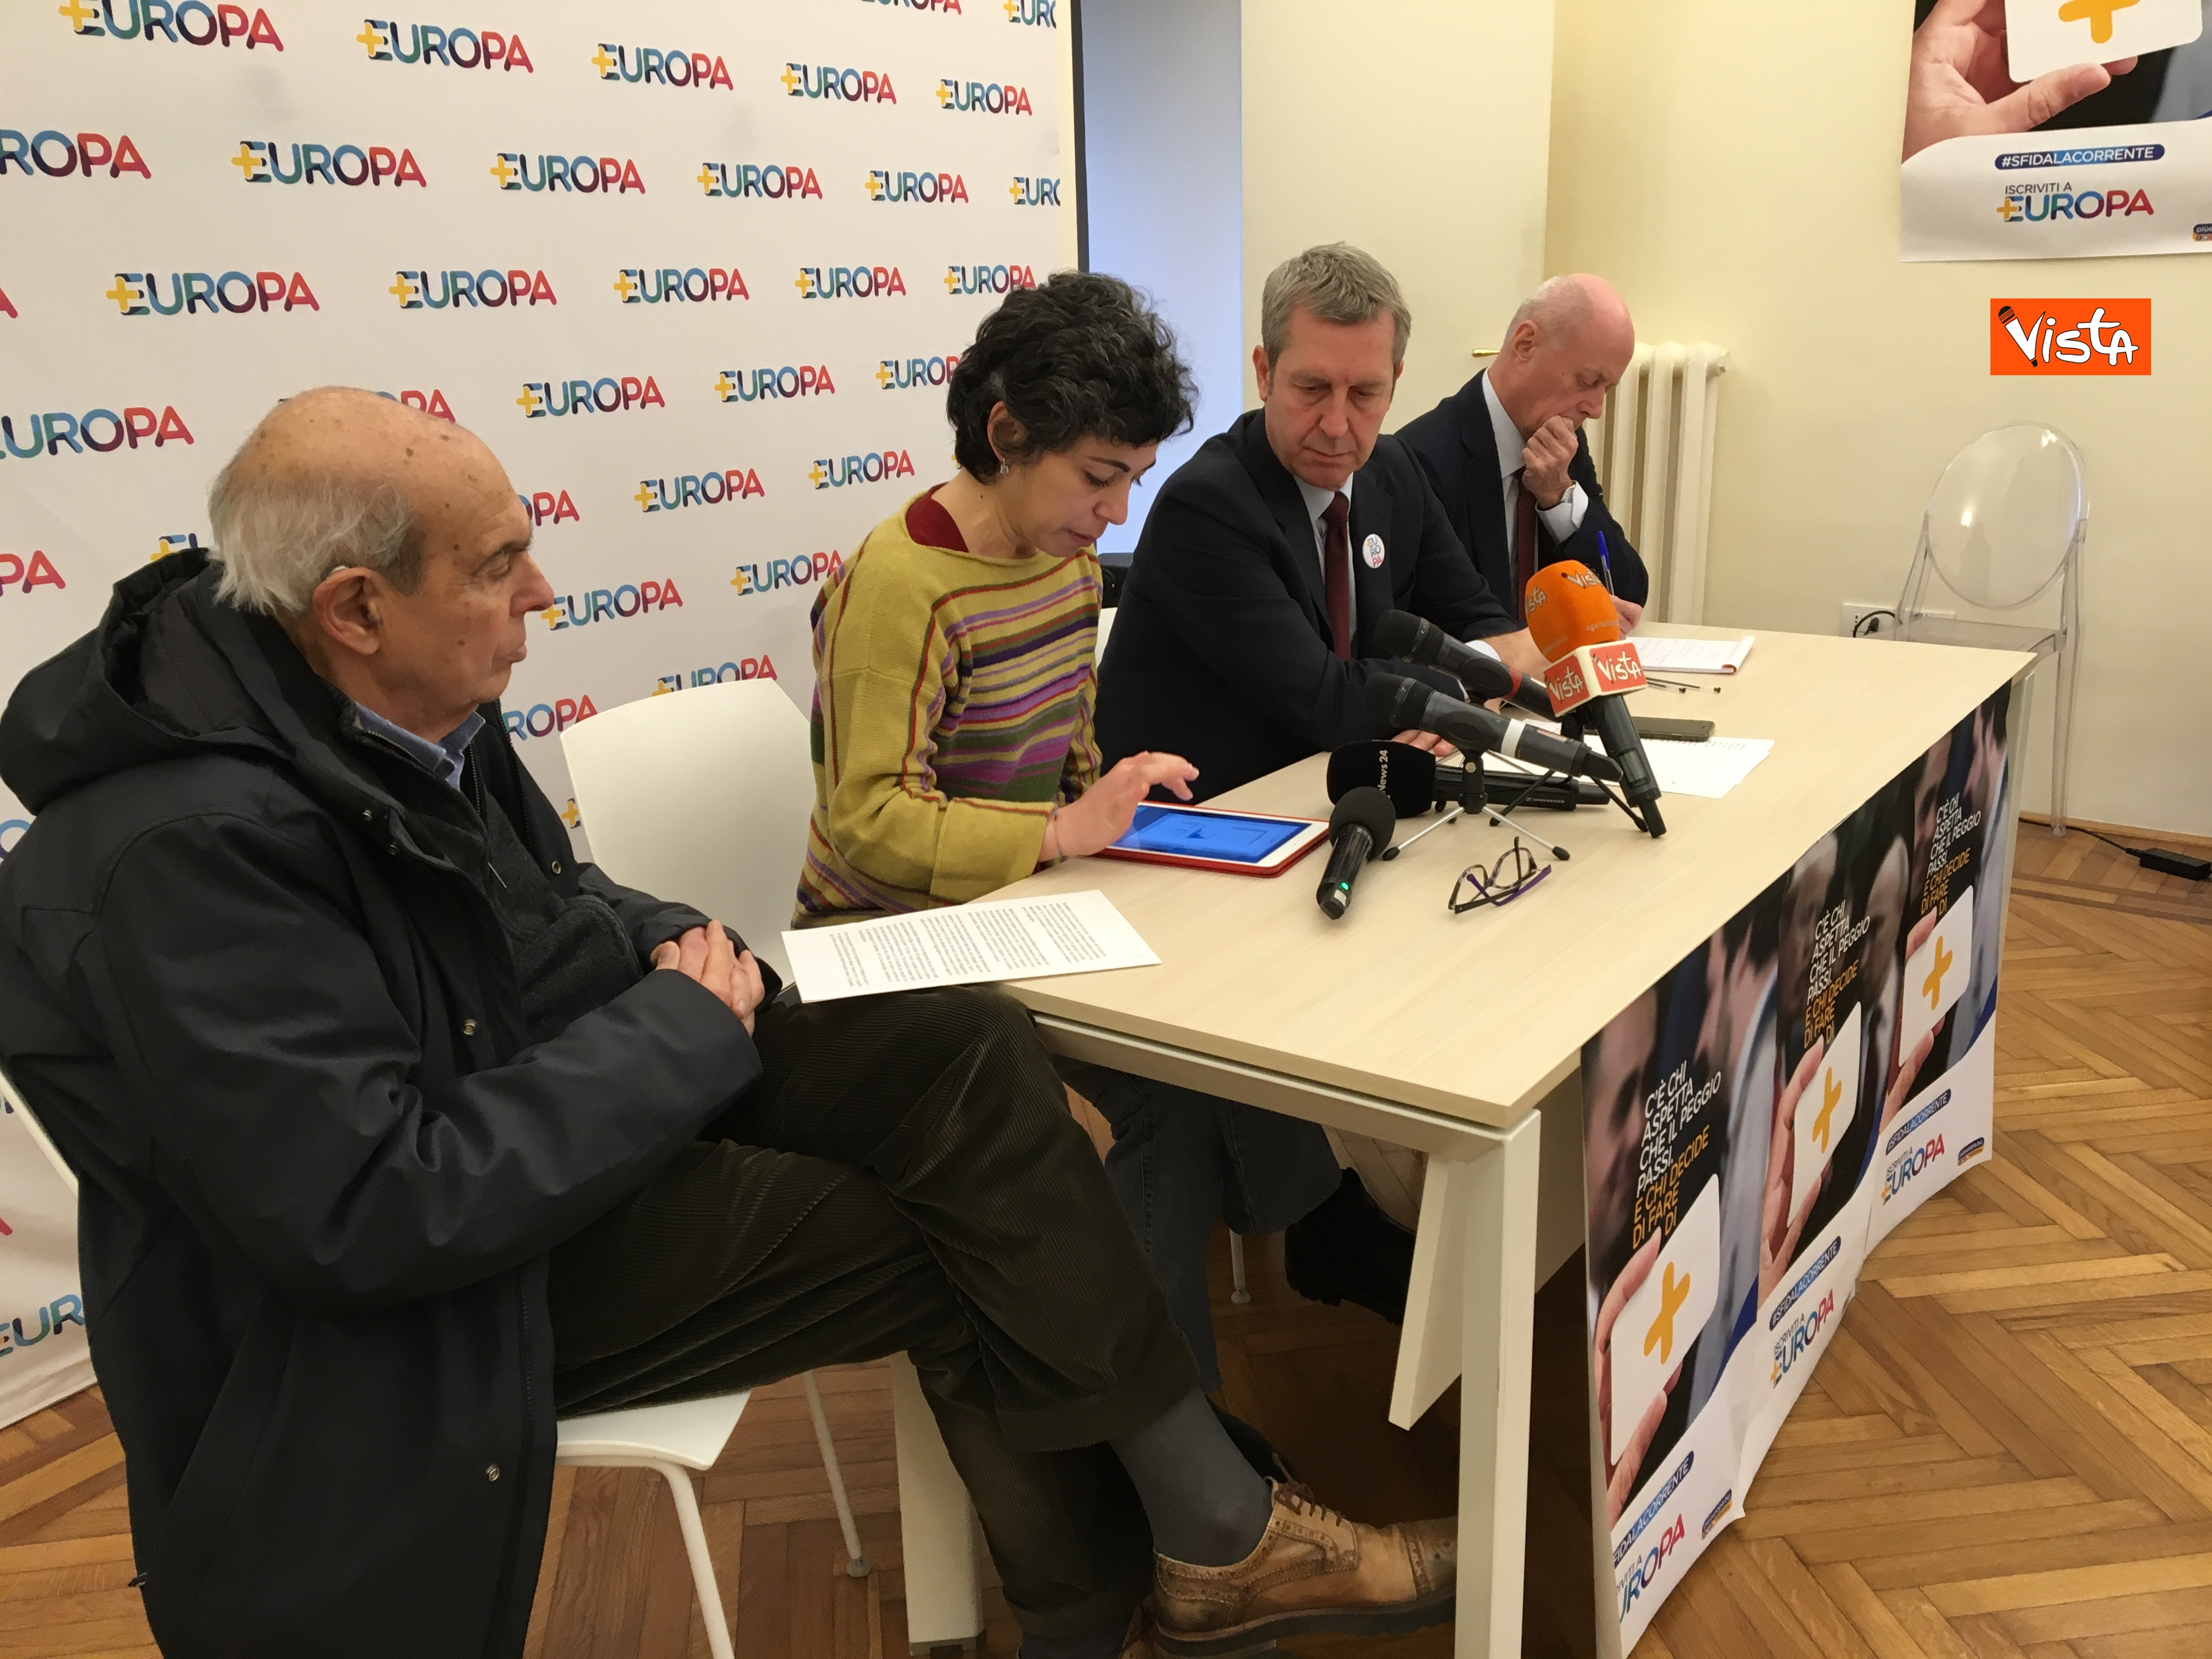 21-01-19 Europa la conferenza di presentazione del Congresso a Milano_Spadaccia_Manzi_Della Vedova_Tabacci_05